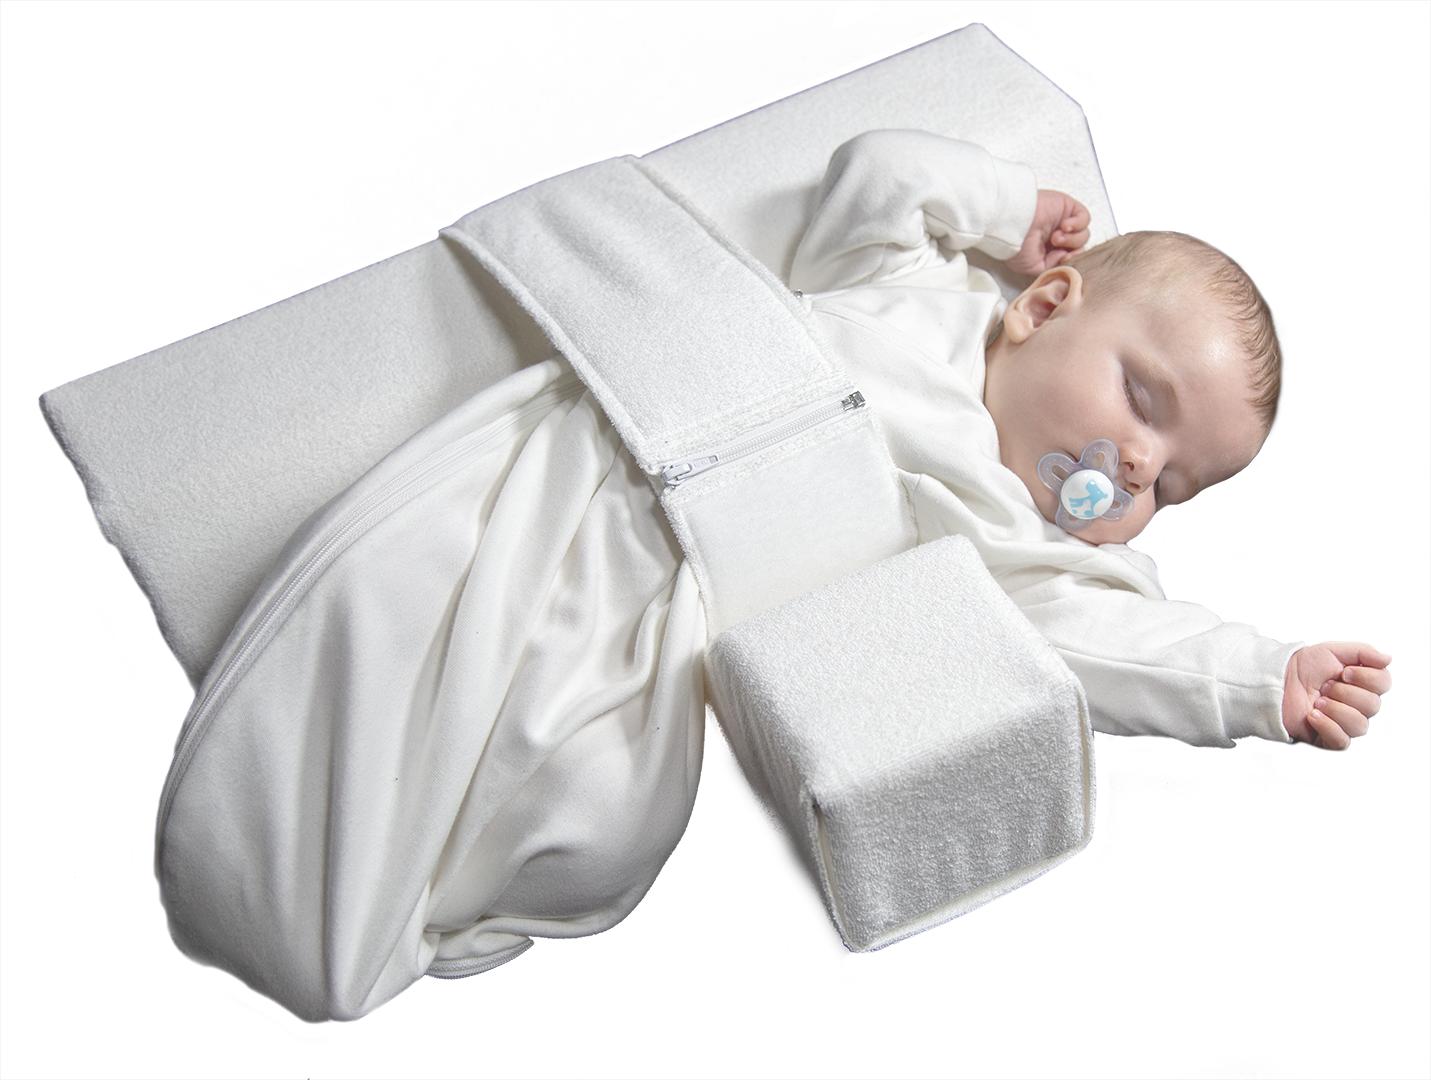 Produktbild Seitenansicht Seitenlagerungsschiene VARILAG Baby Lagerungskissen